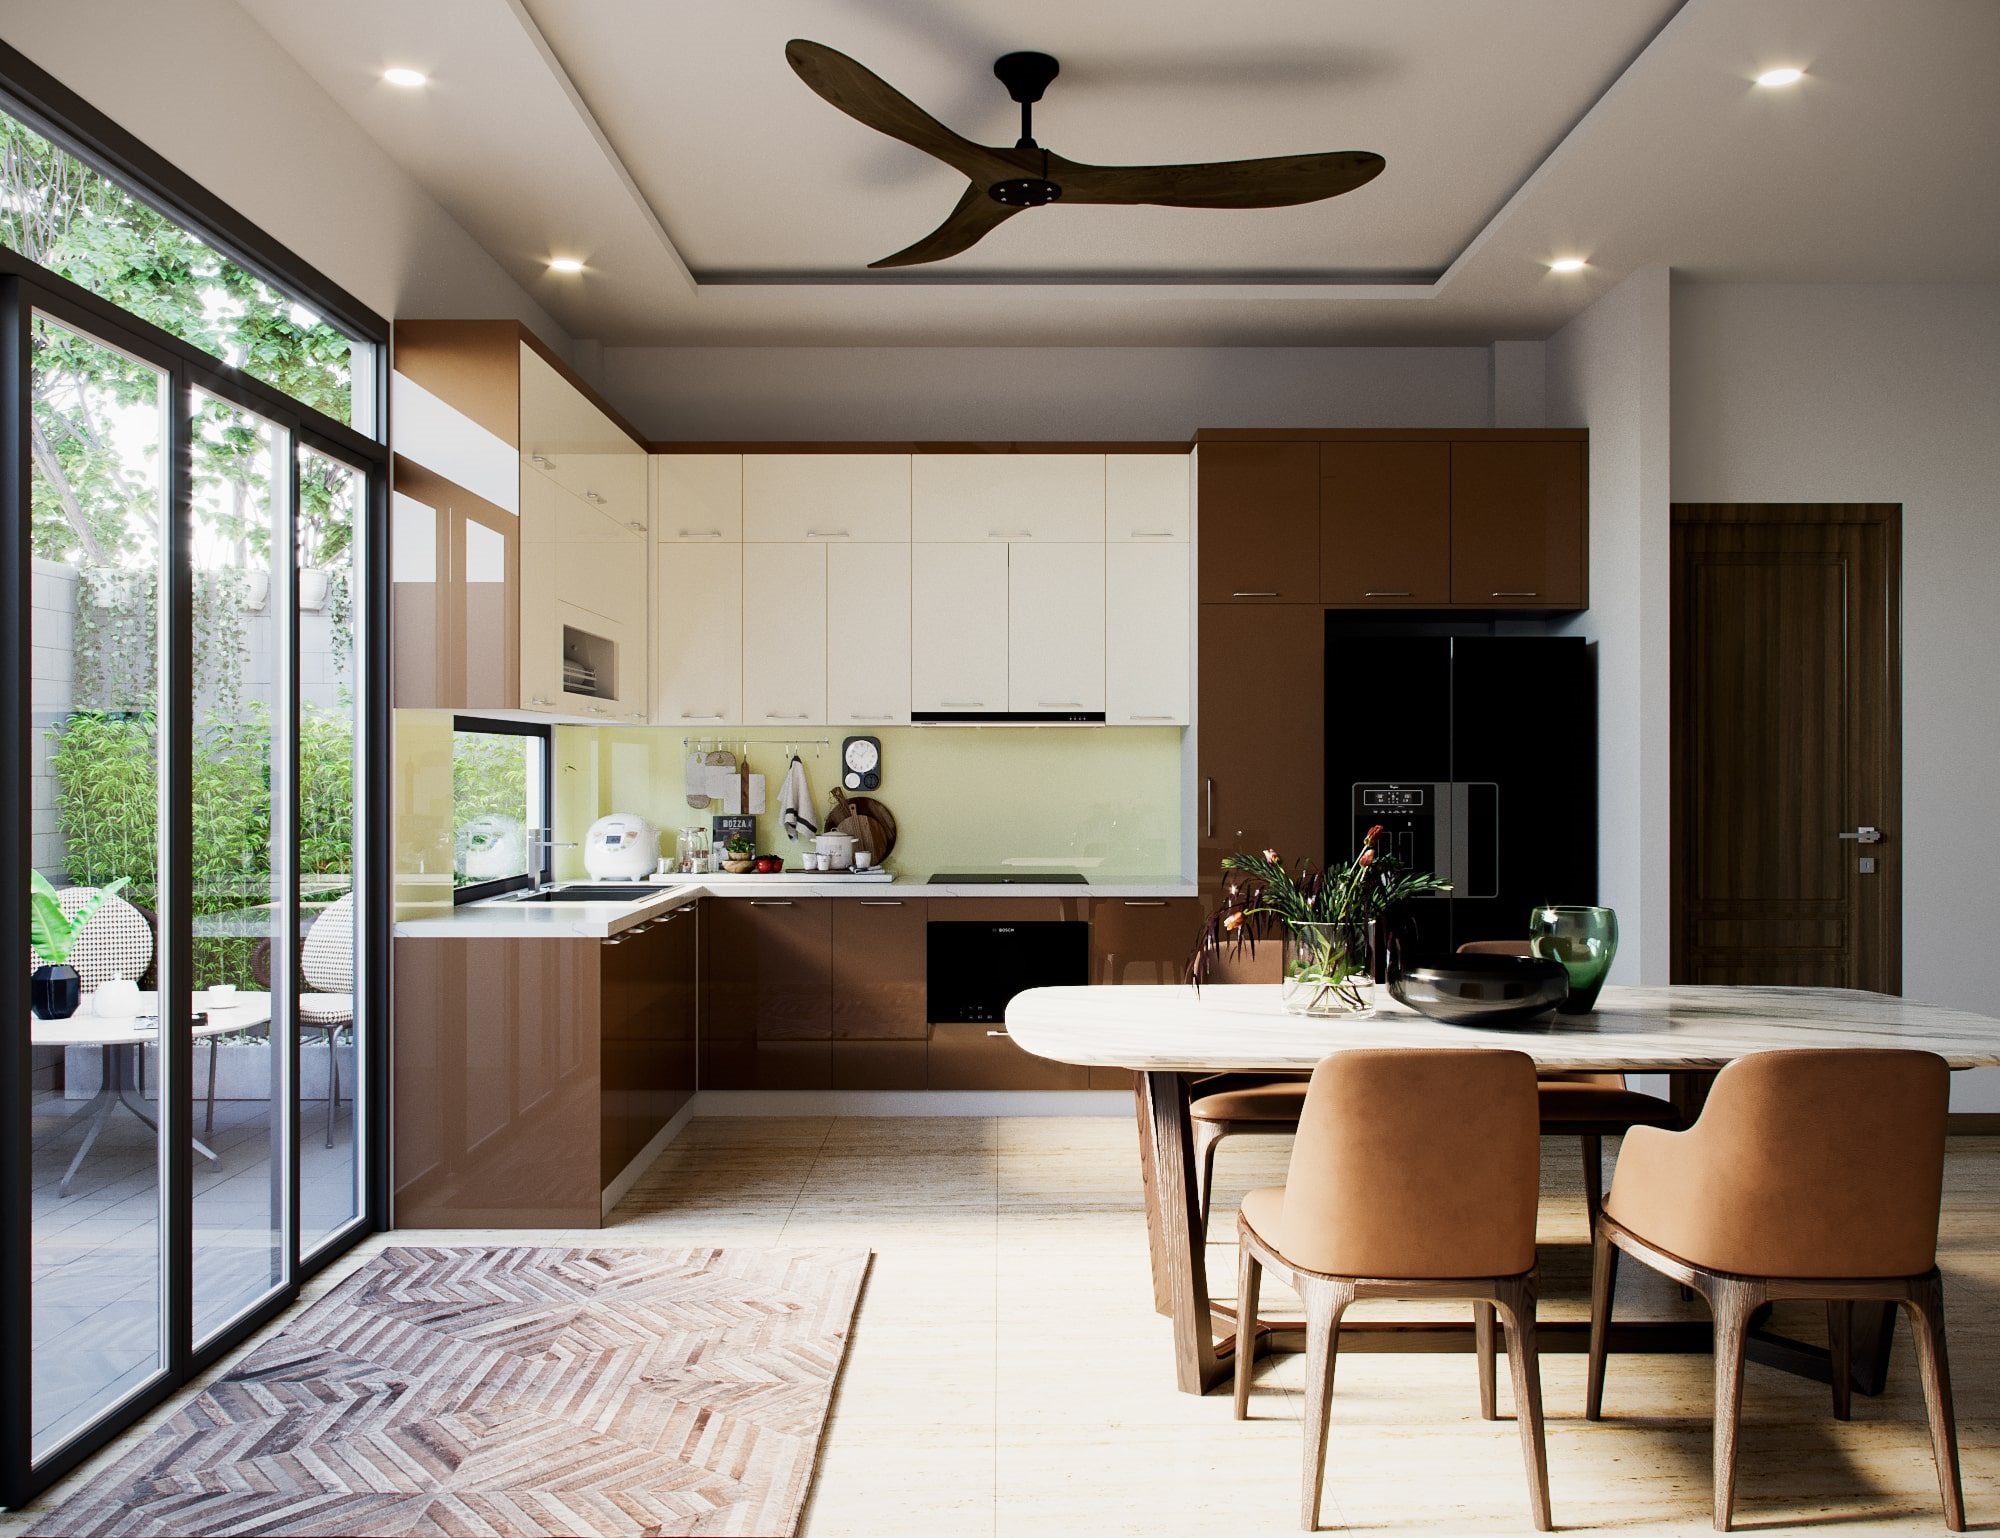 Tam giác bếp hoàn hảo cho thiết kế tủ bếp